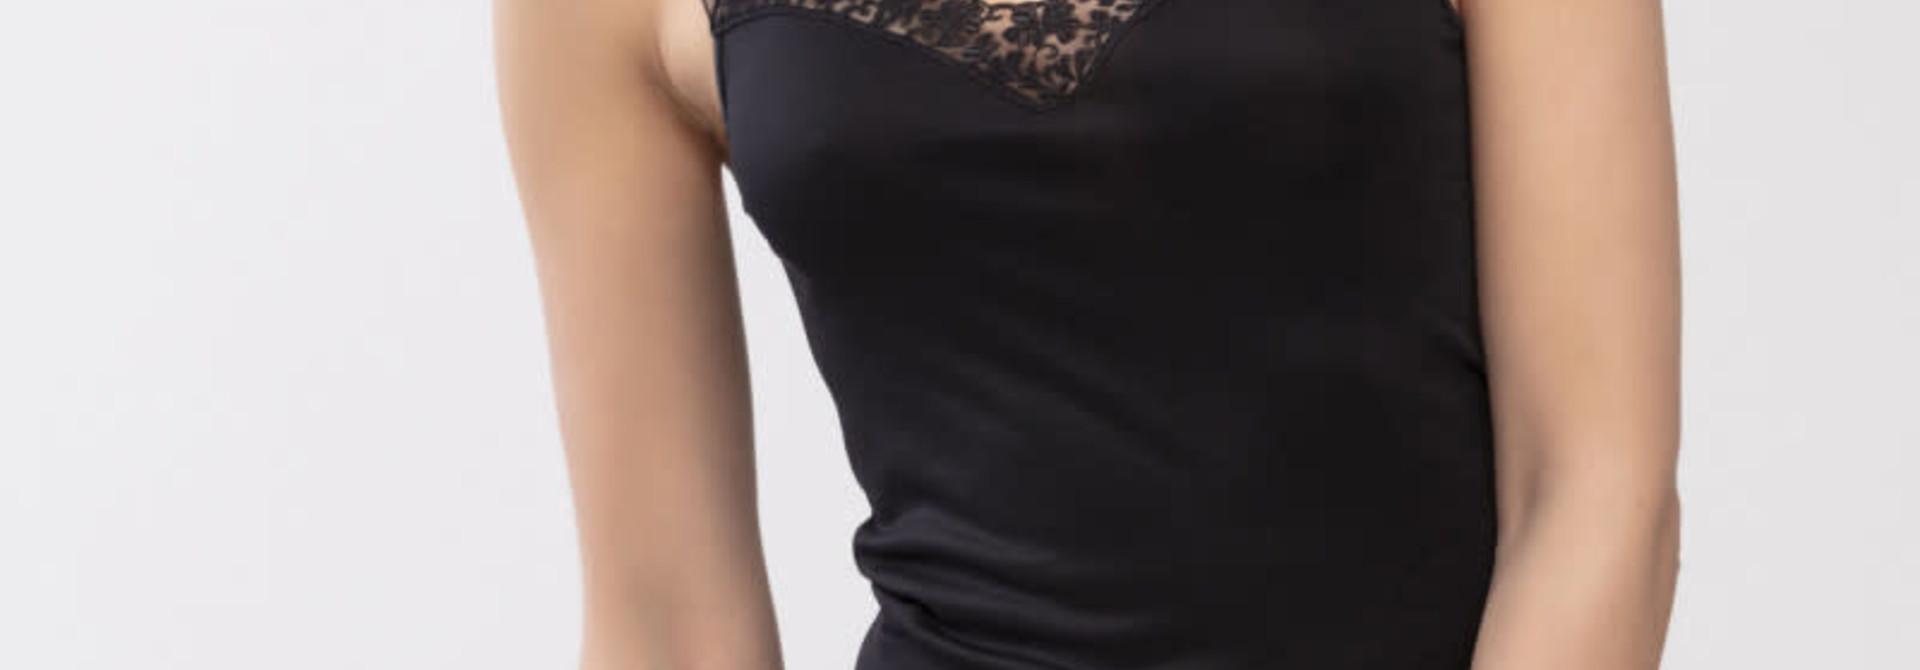 Hemd met kant Emotion Silhouette 55452- zwart